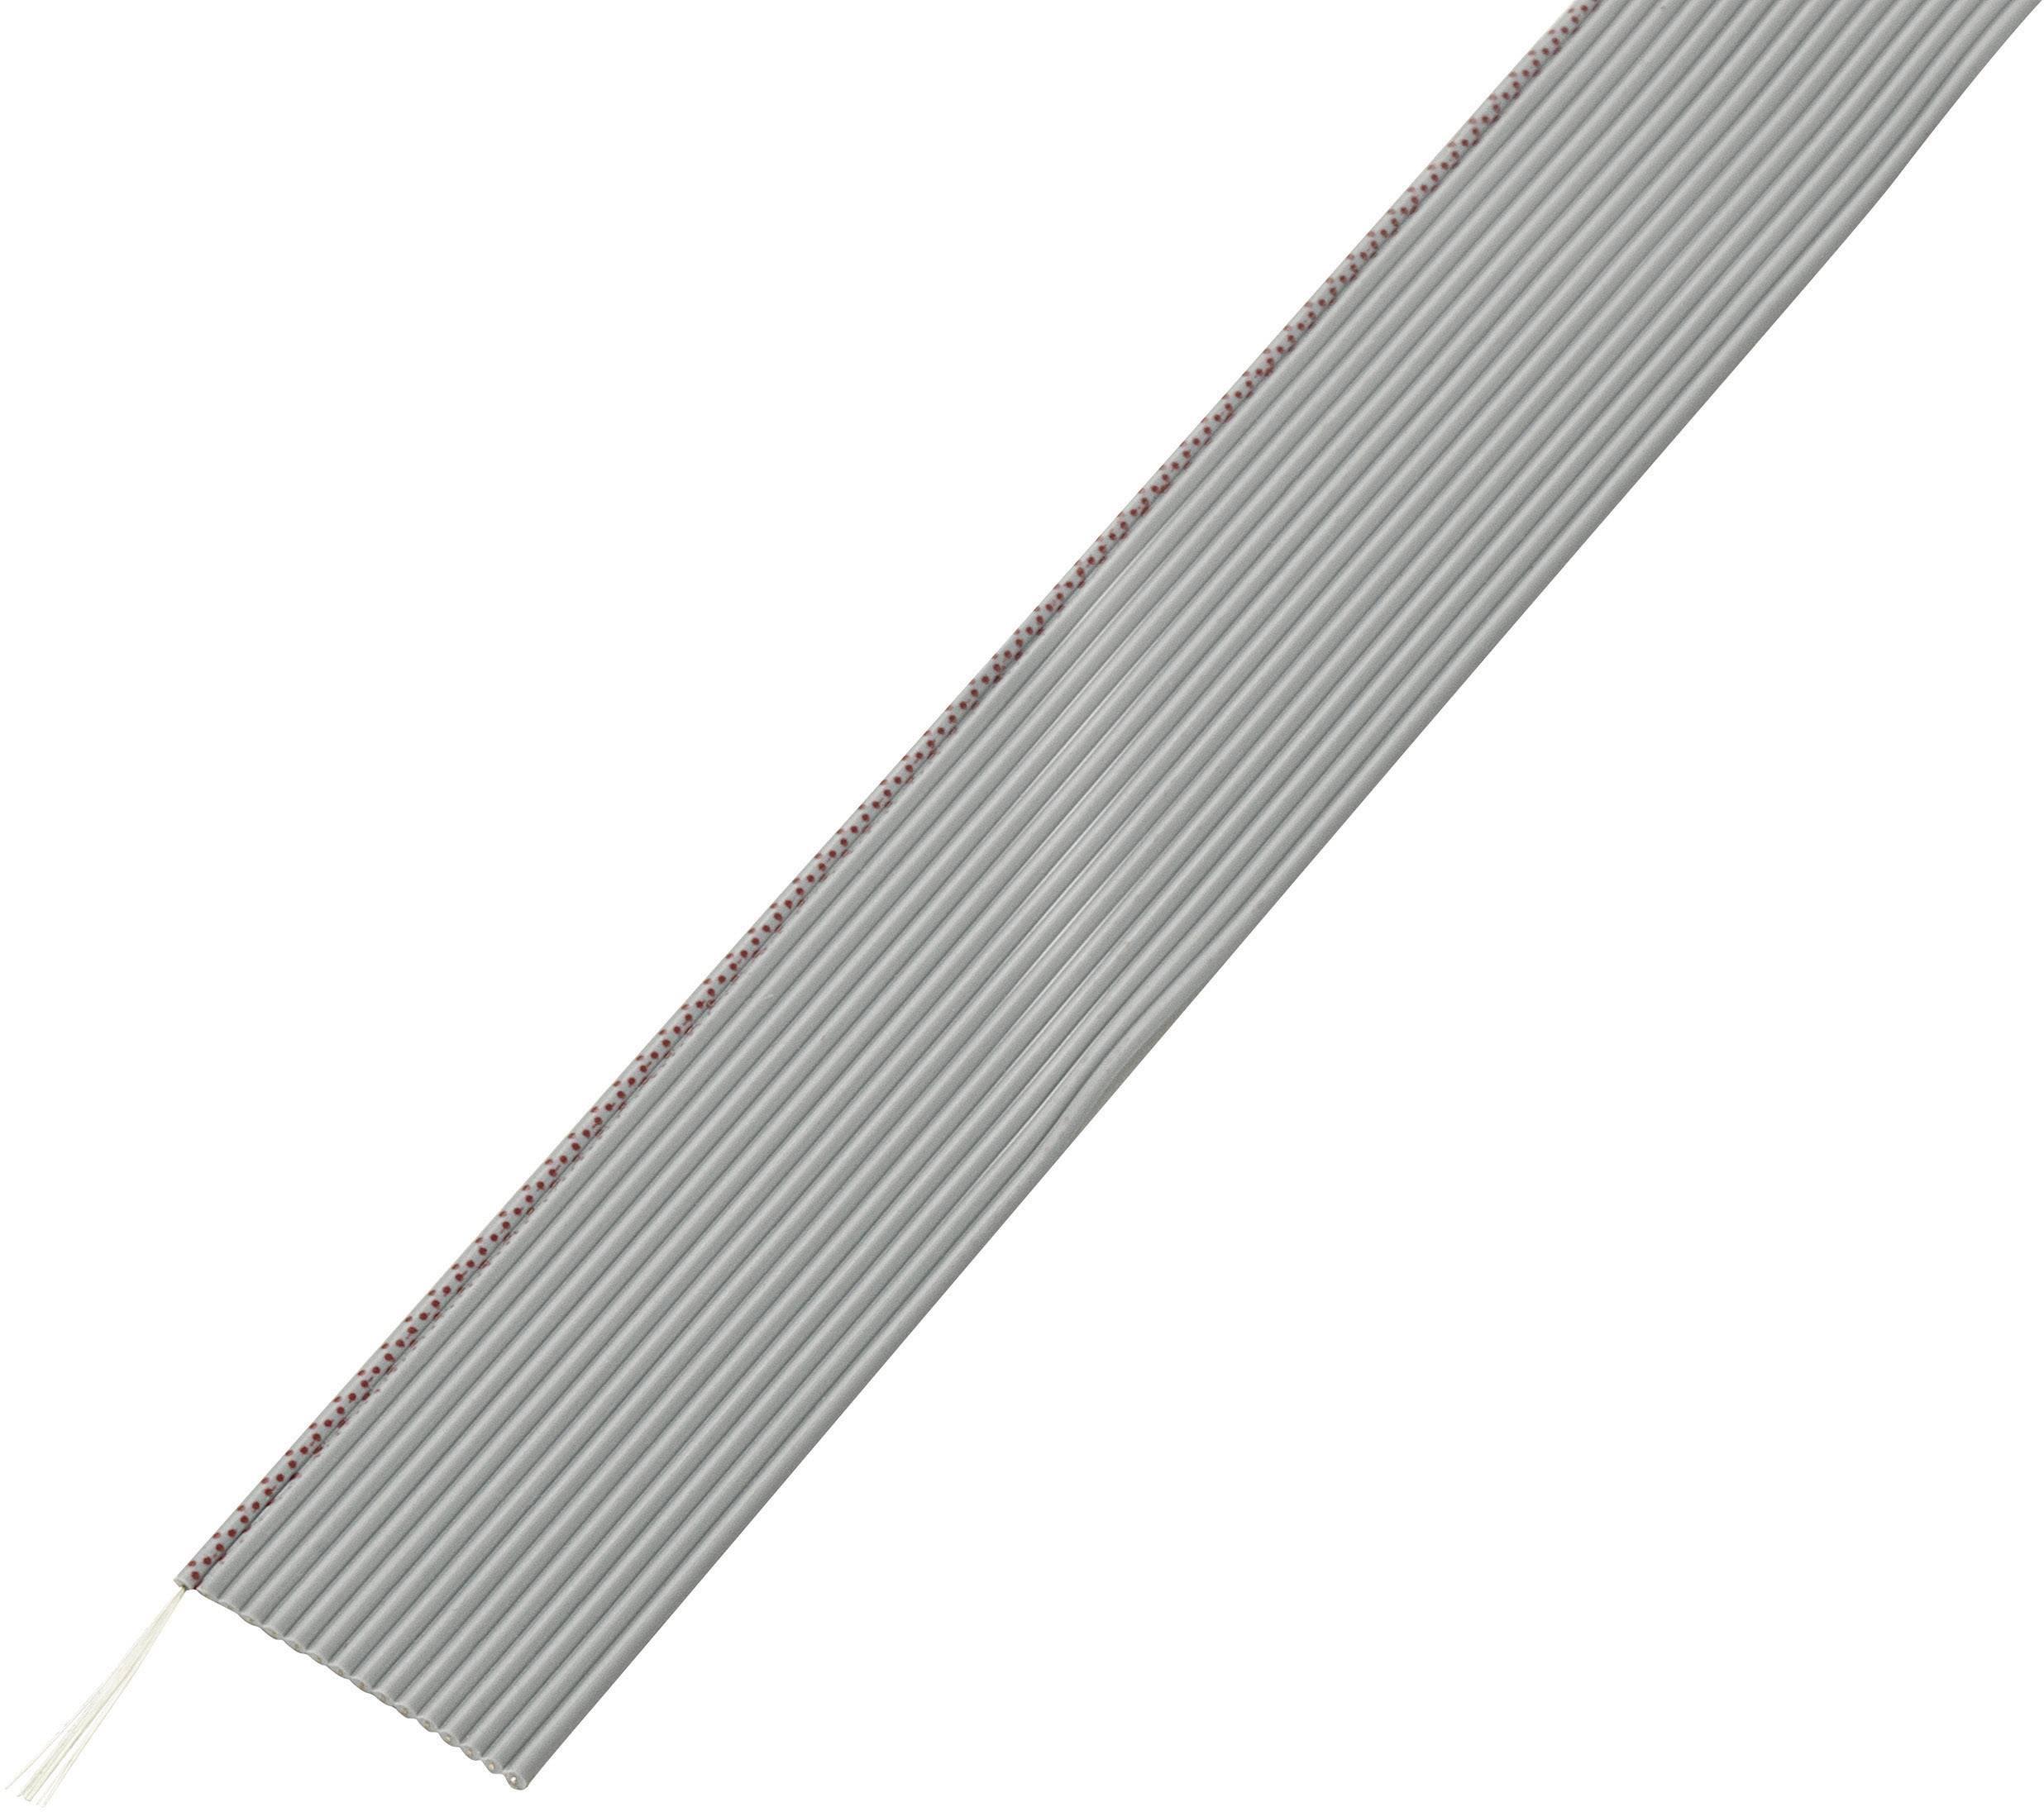 Plochý kábel Conrad Components 607287, rozteč 1.27 mm, 14 x 0.035 mm², sivá, 30.5 m